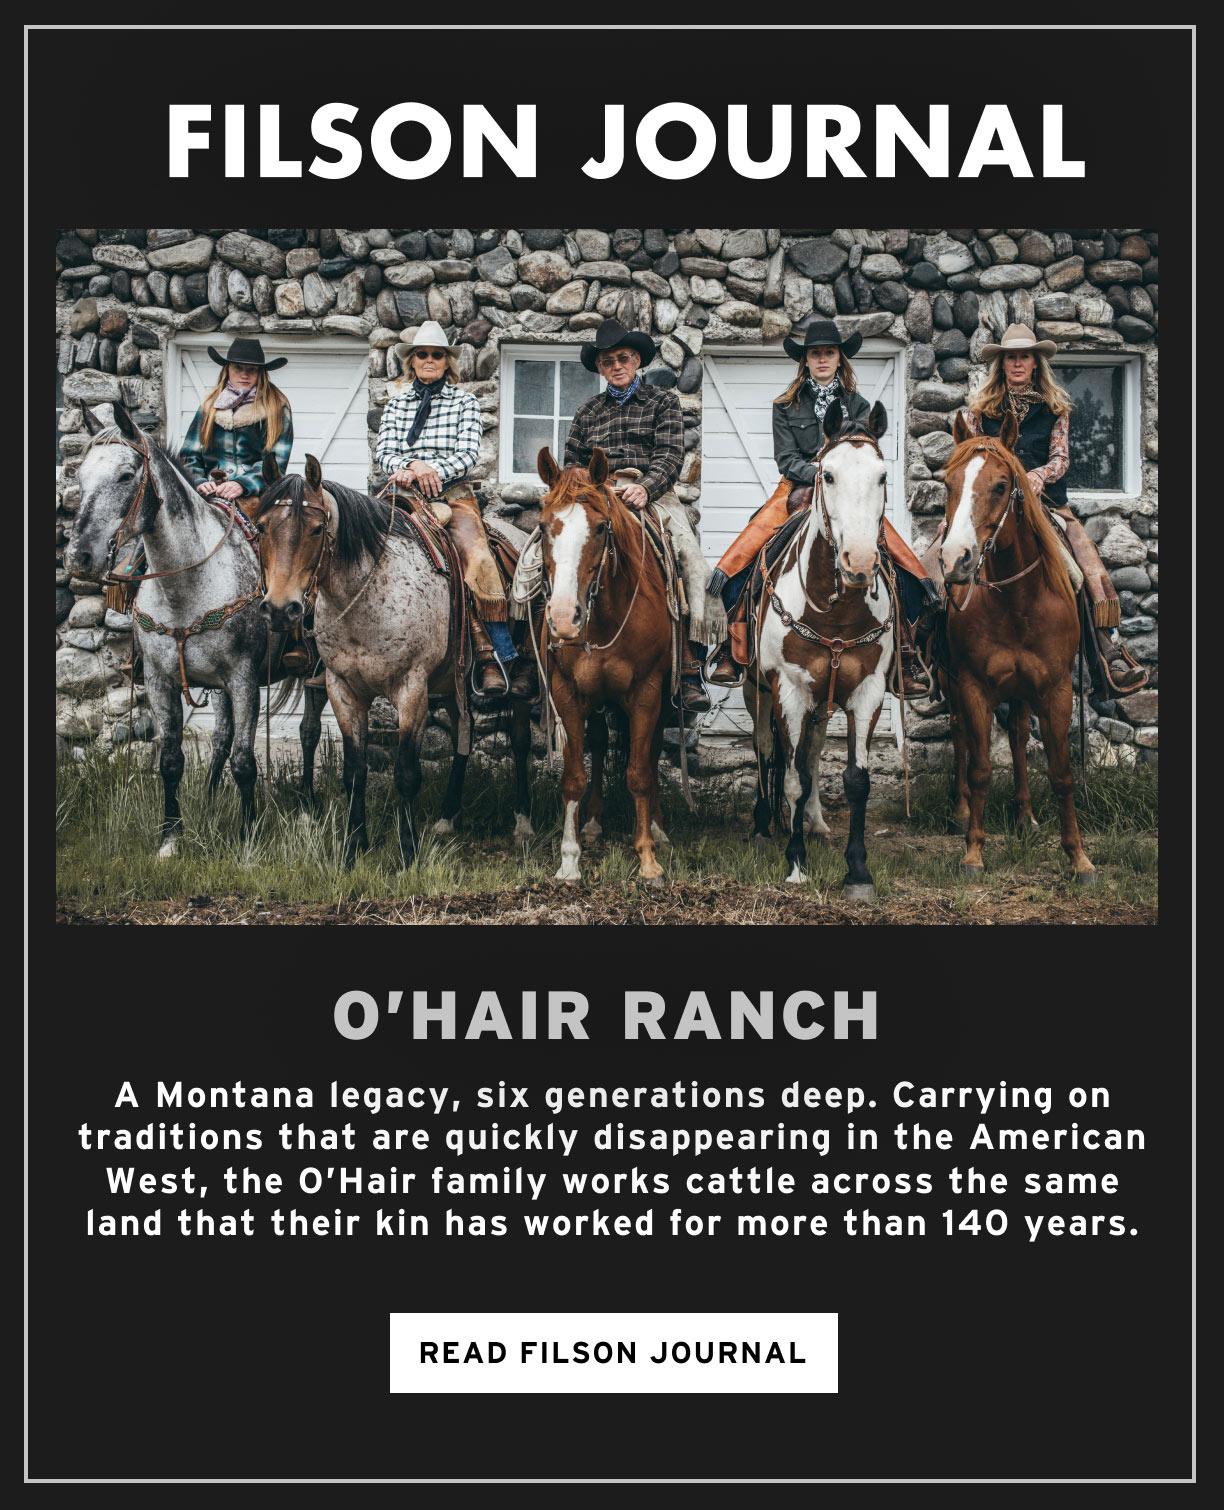 READ FILSON JOURNAL